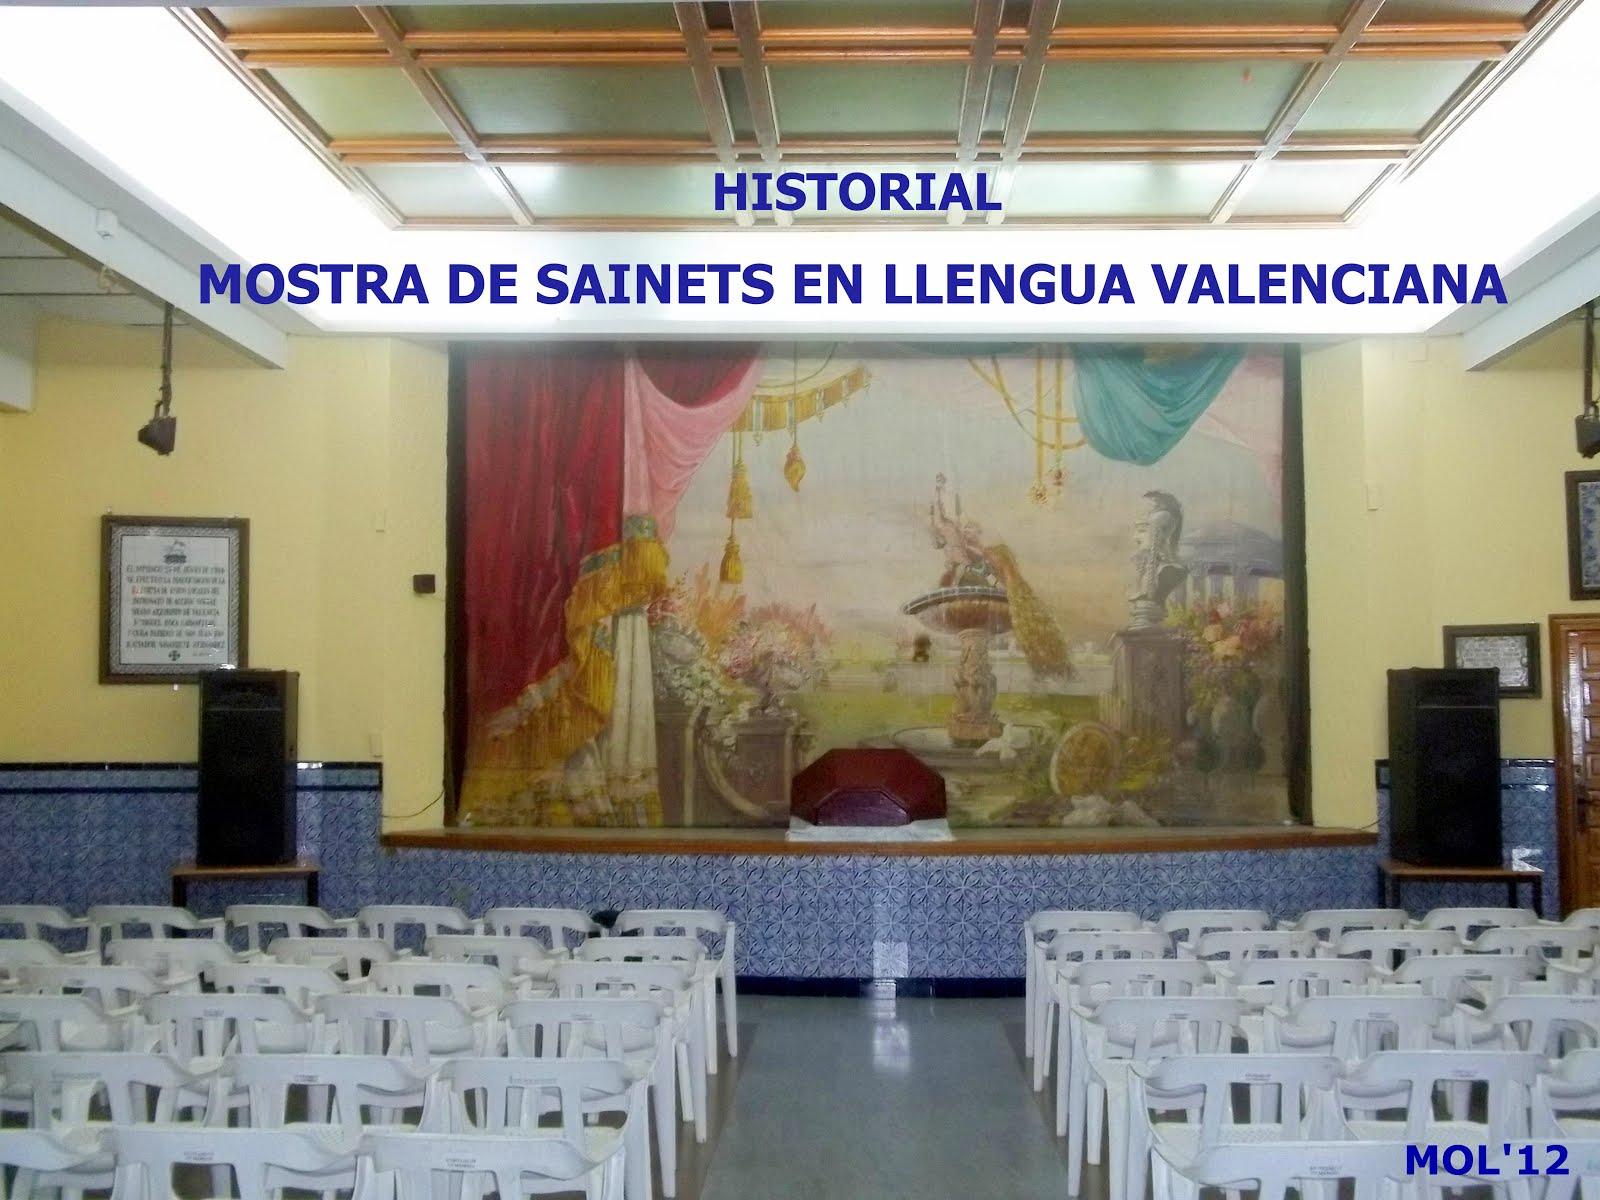 21.05.15 MOSTRA DE SAINETS EN LLENGUA VALENCIANA DE MANISES, HISTORIAL 2006 16